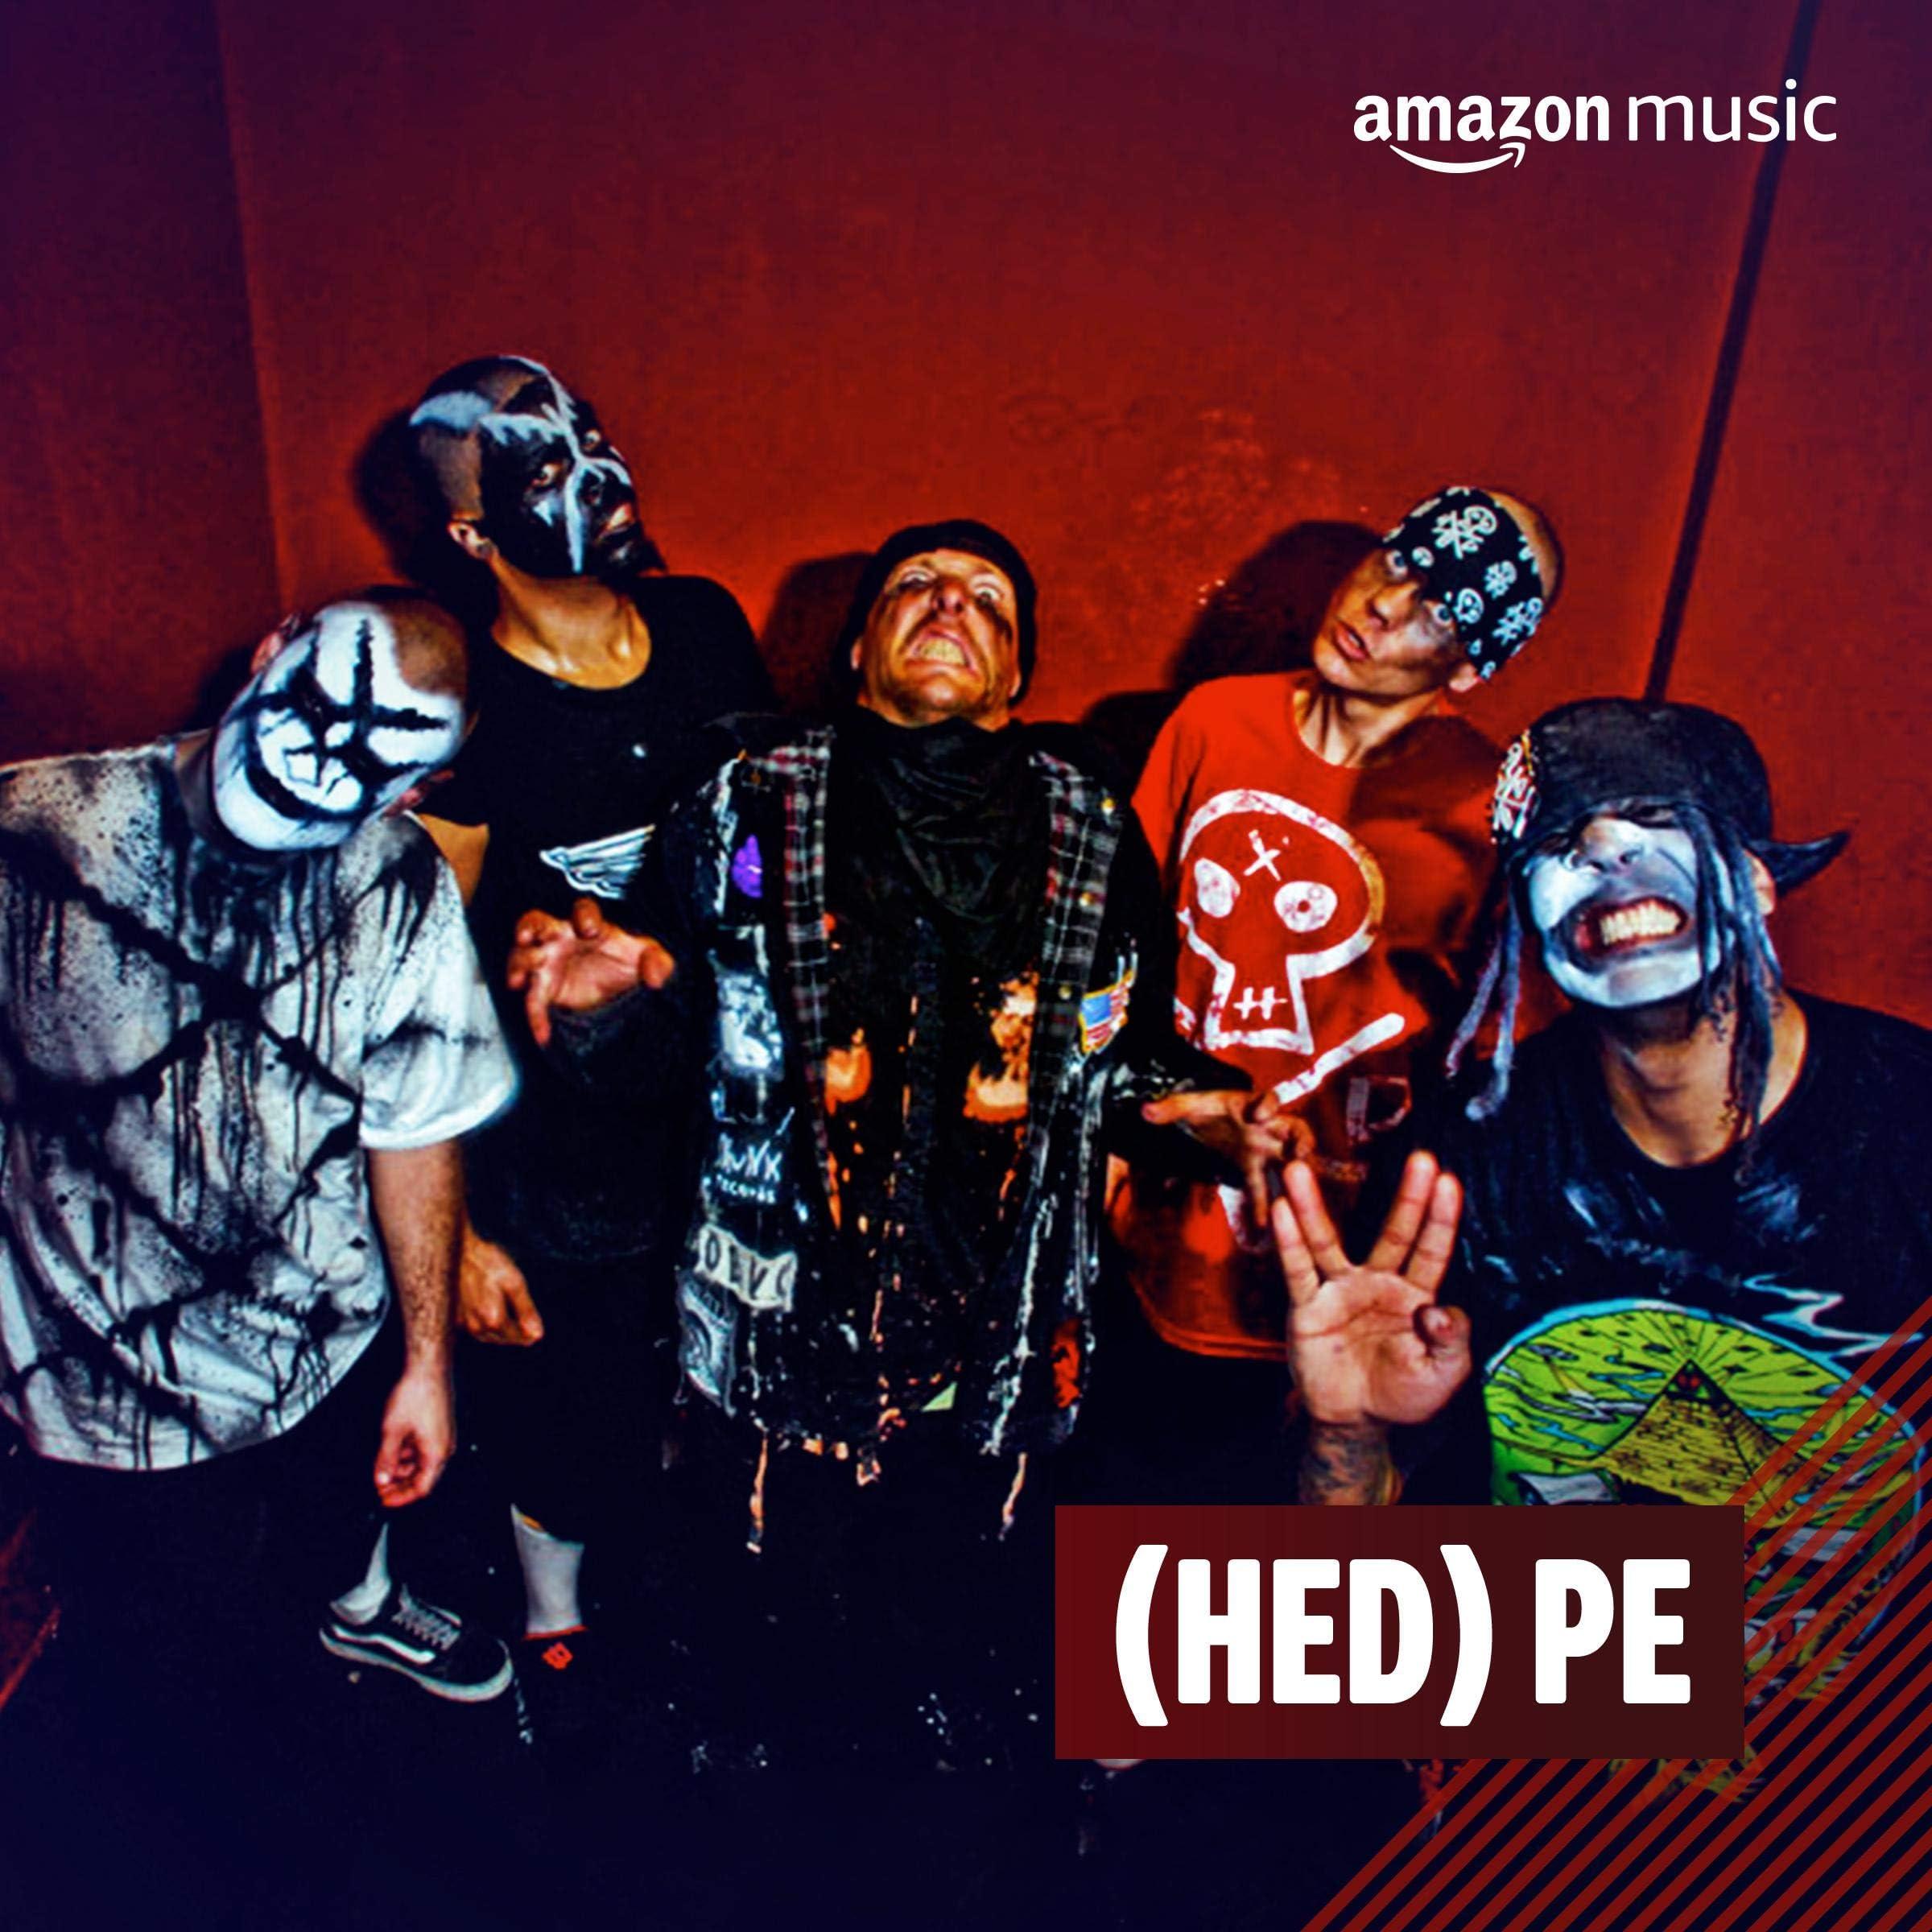 (Hed) Pe